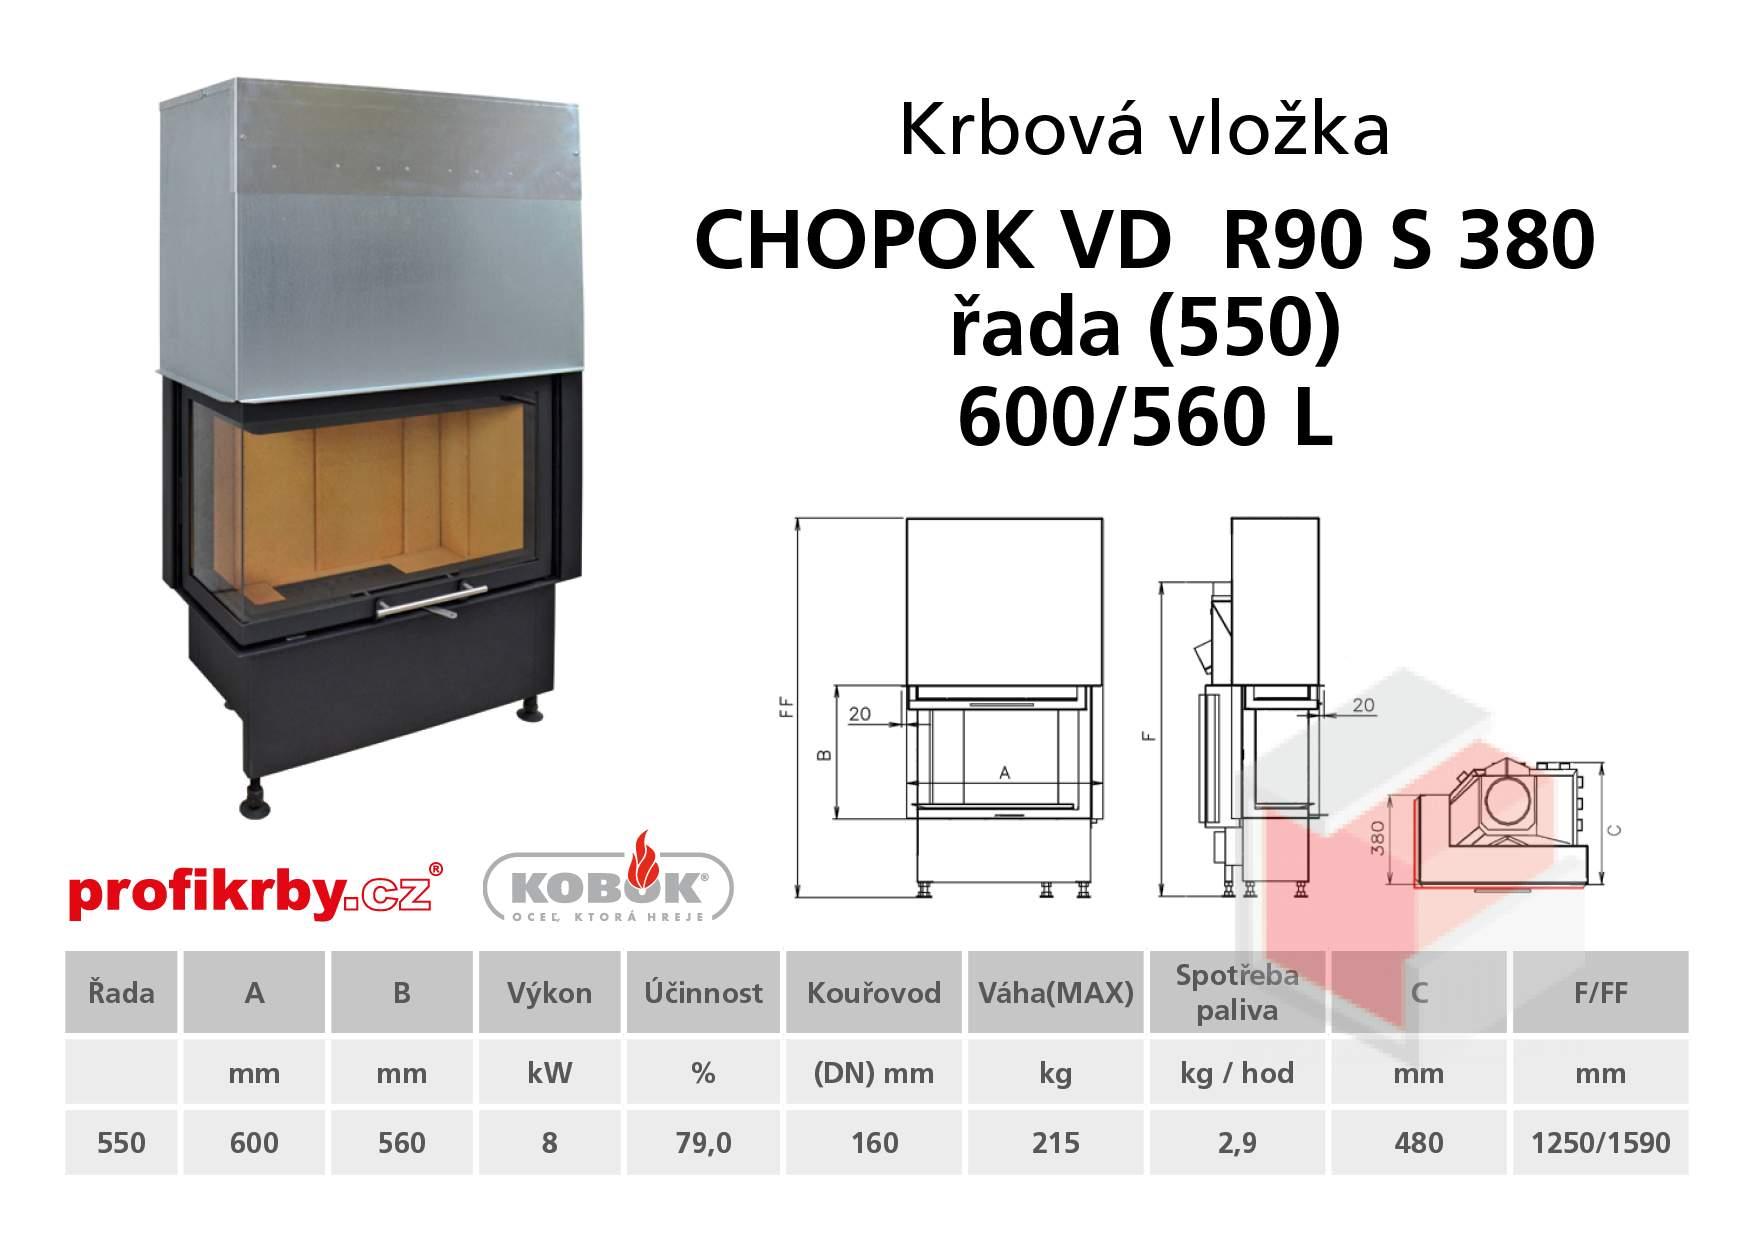 Krbová vložka CHOPOK VD R90Sx330 (380) 550 (600) 560 - Rohová -